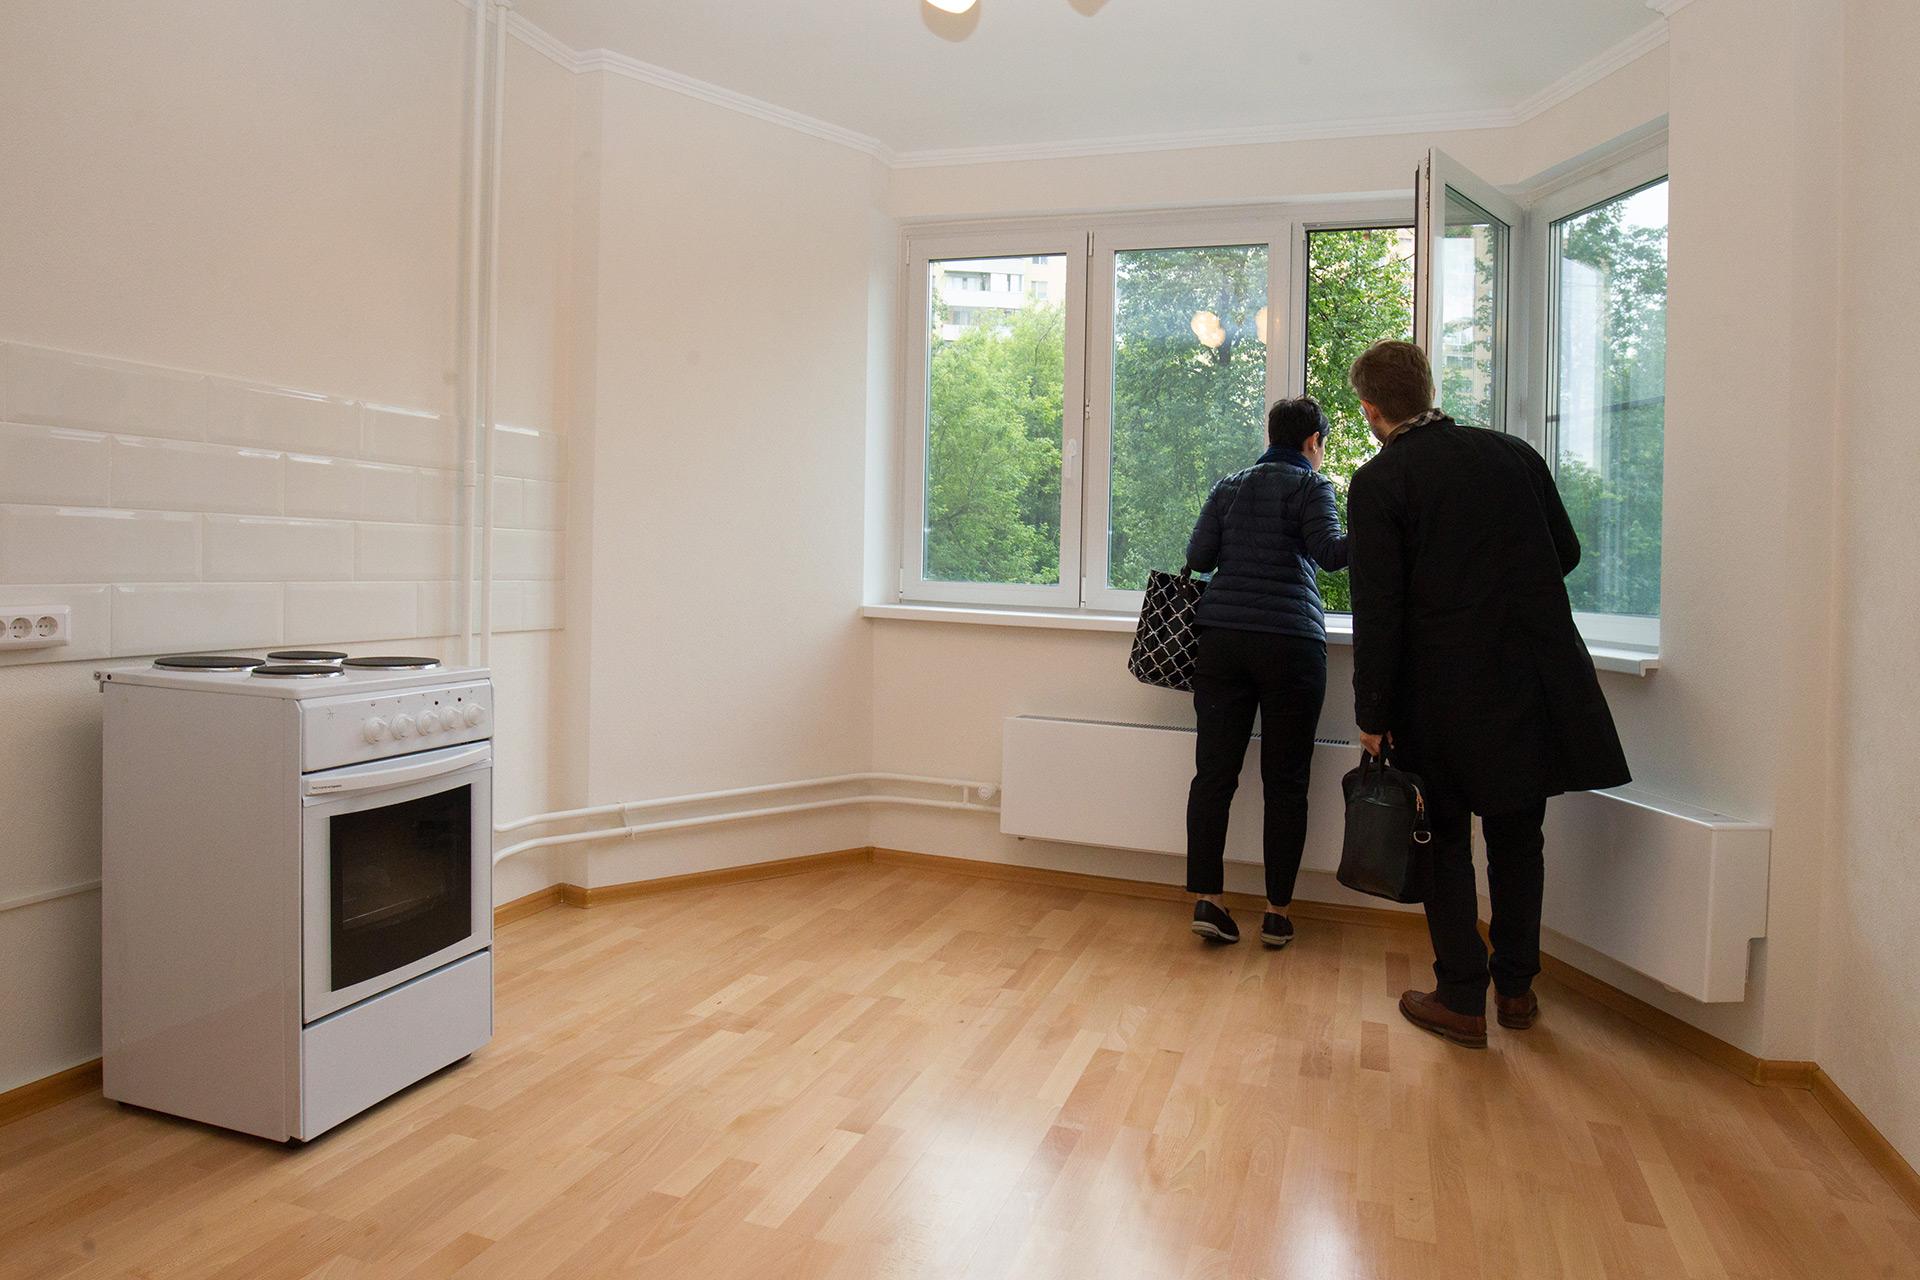 Кухня в одной из квартир в новом многоквартирном доме на улице Летчика Бабушкина д. 39, который построен в рамках программы реновации жилищного фонда столицы